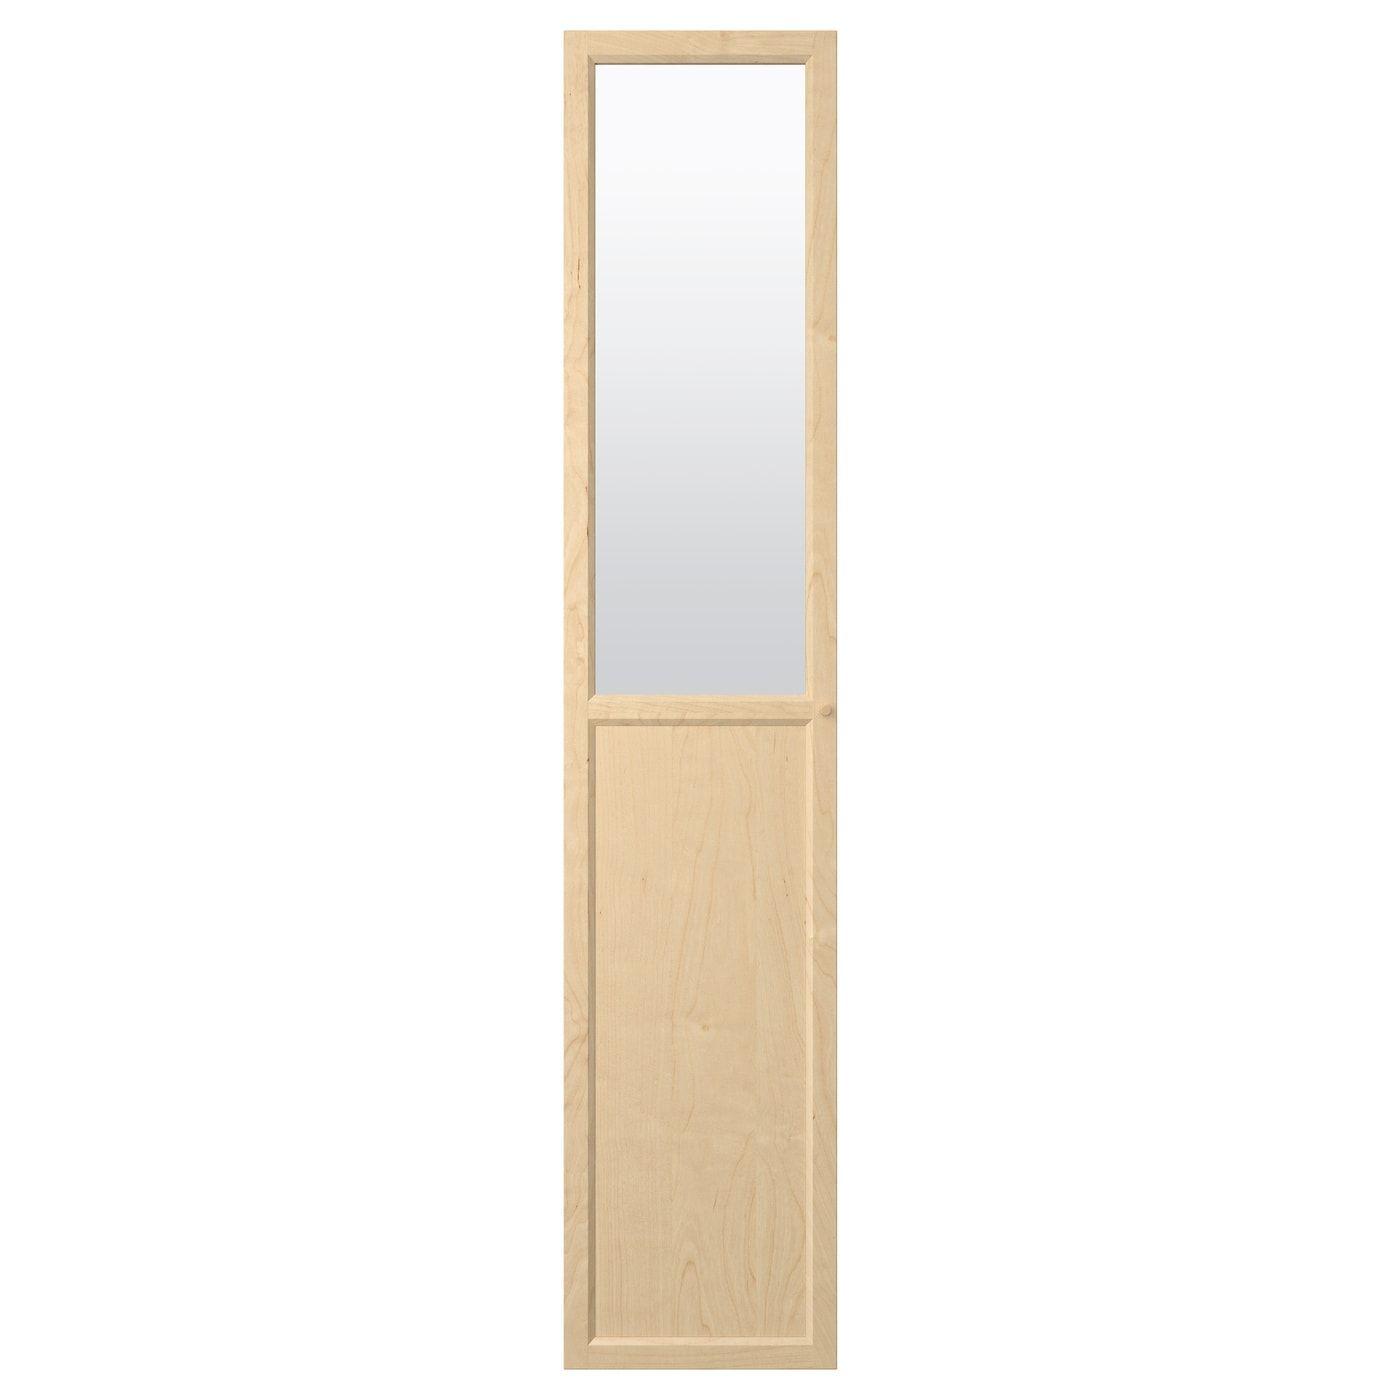 paneel-/vitrinentür oxberg birkenfurnier